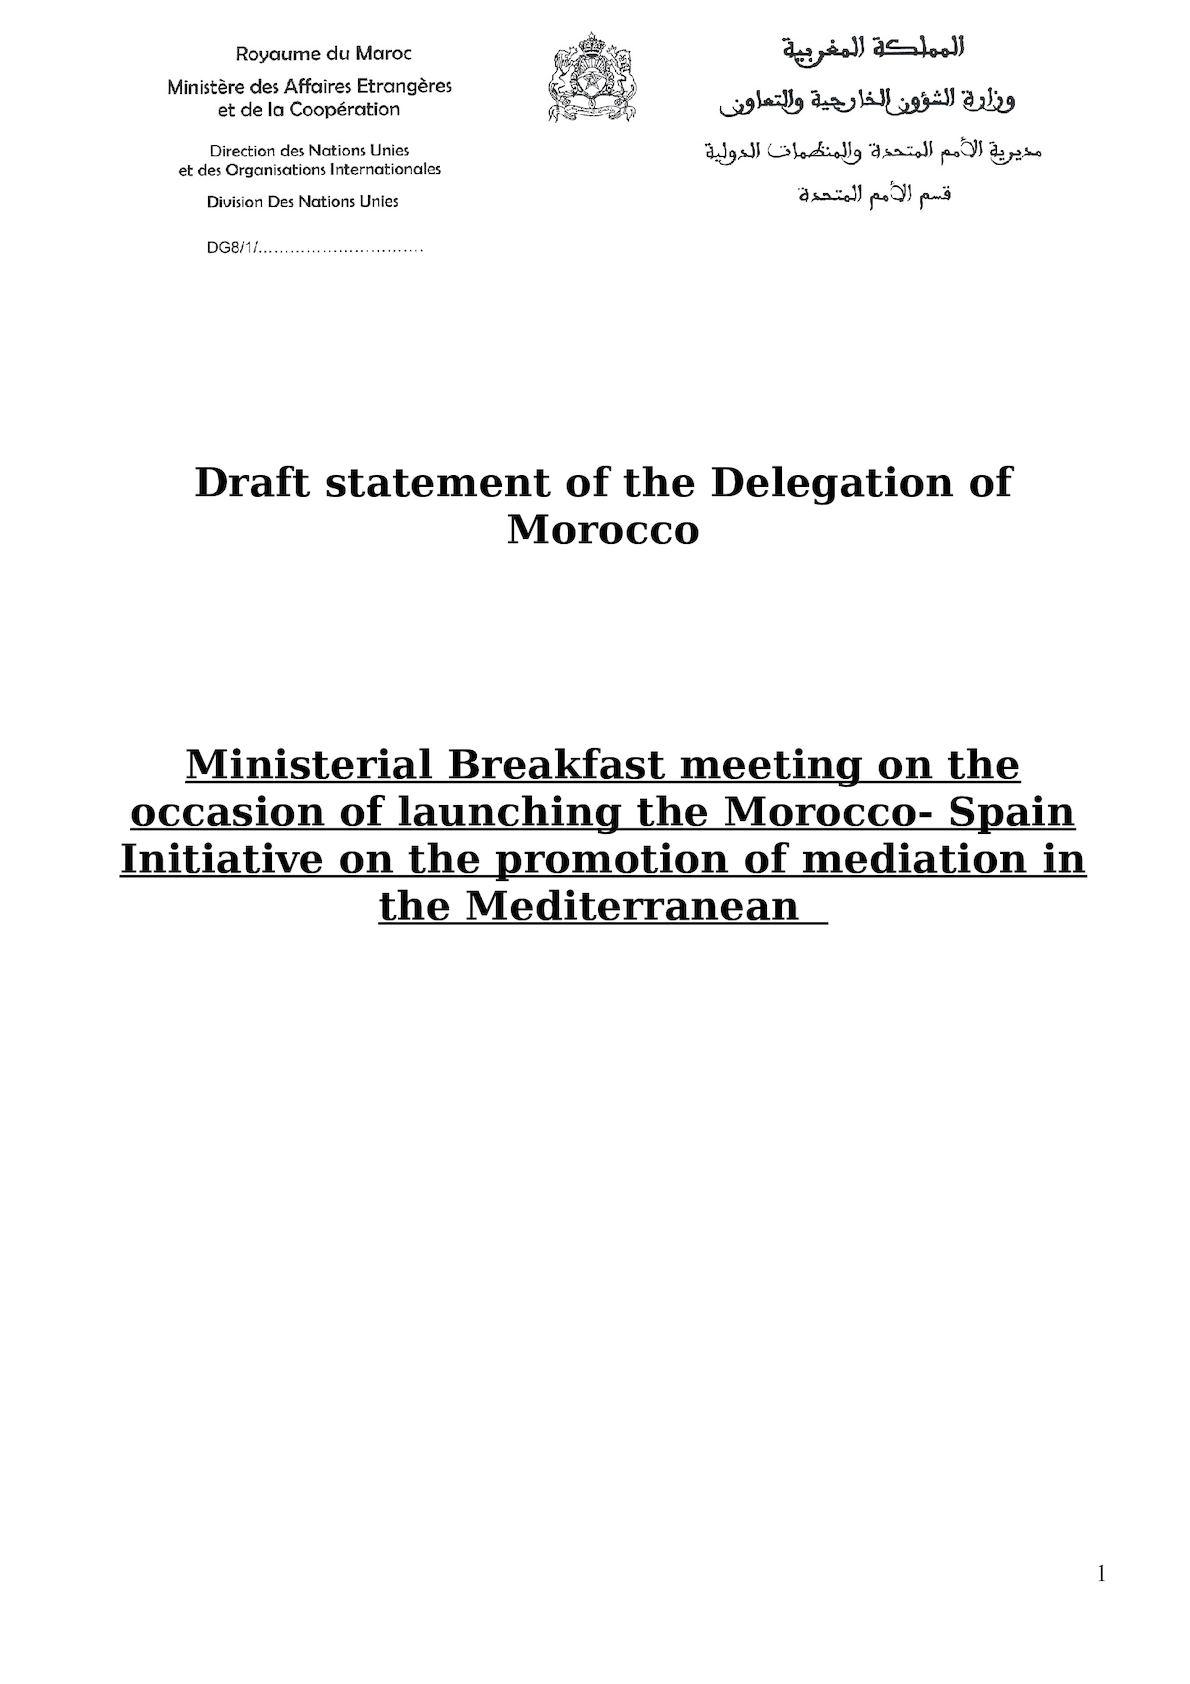 Draft Statement  Mediation In The Mediterranean